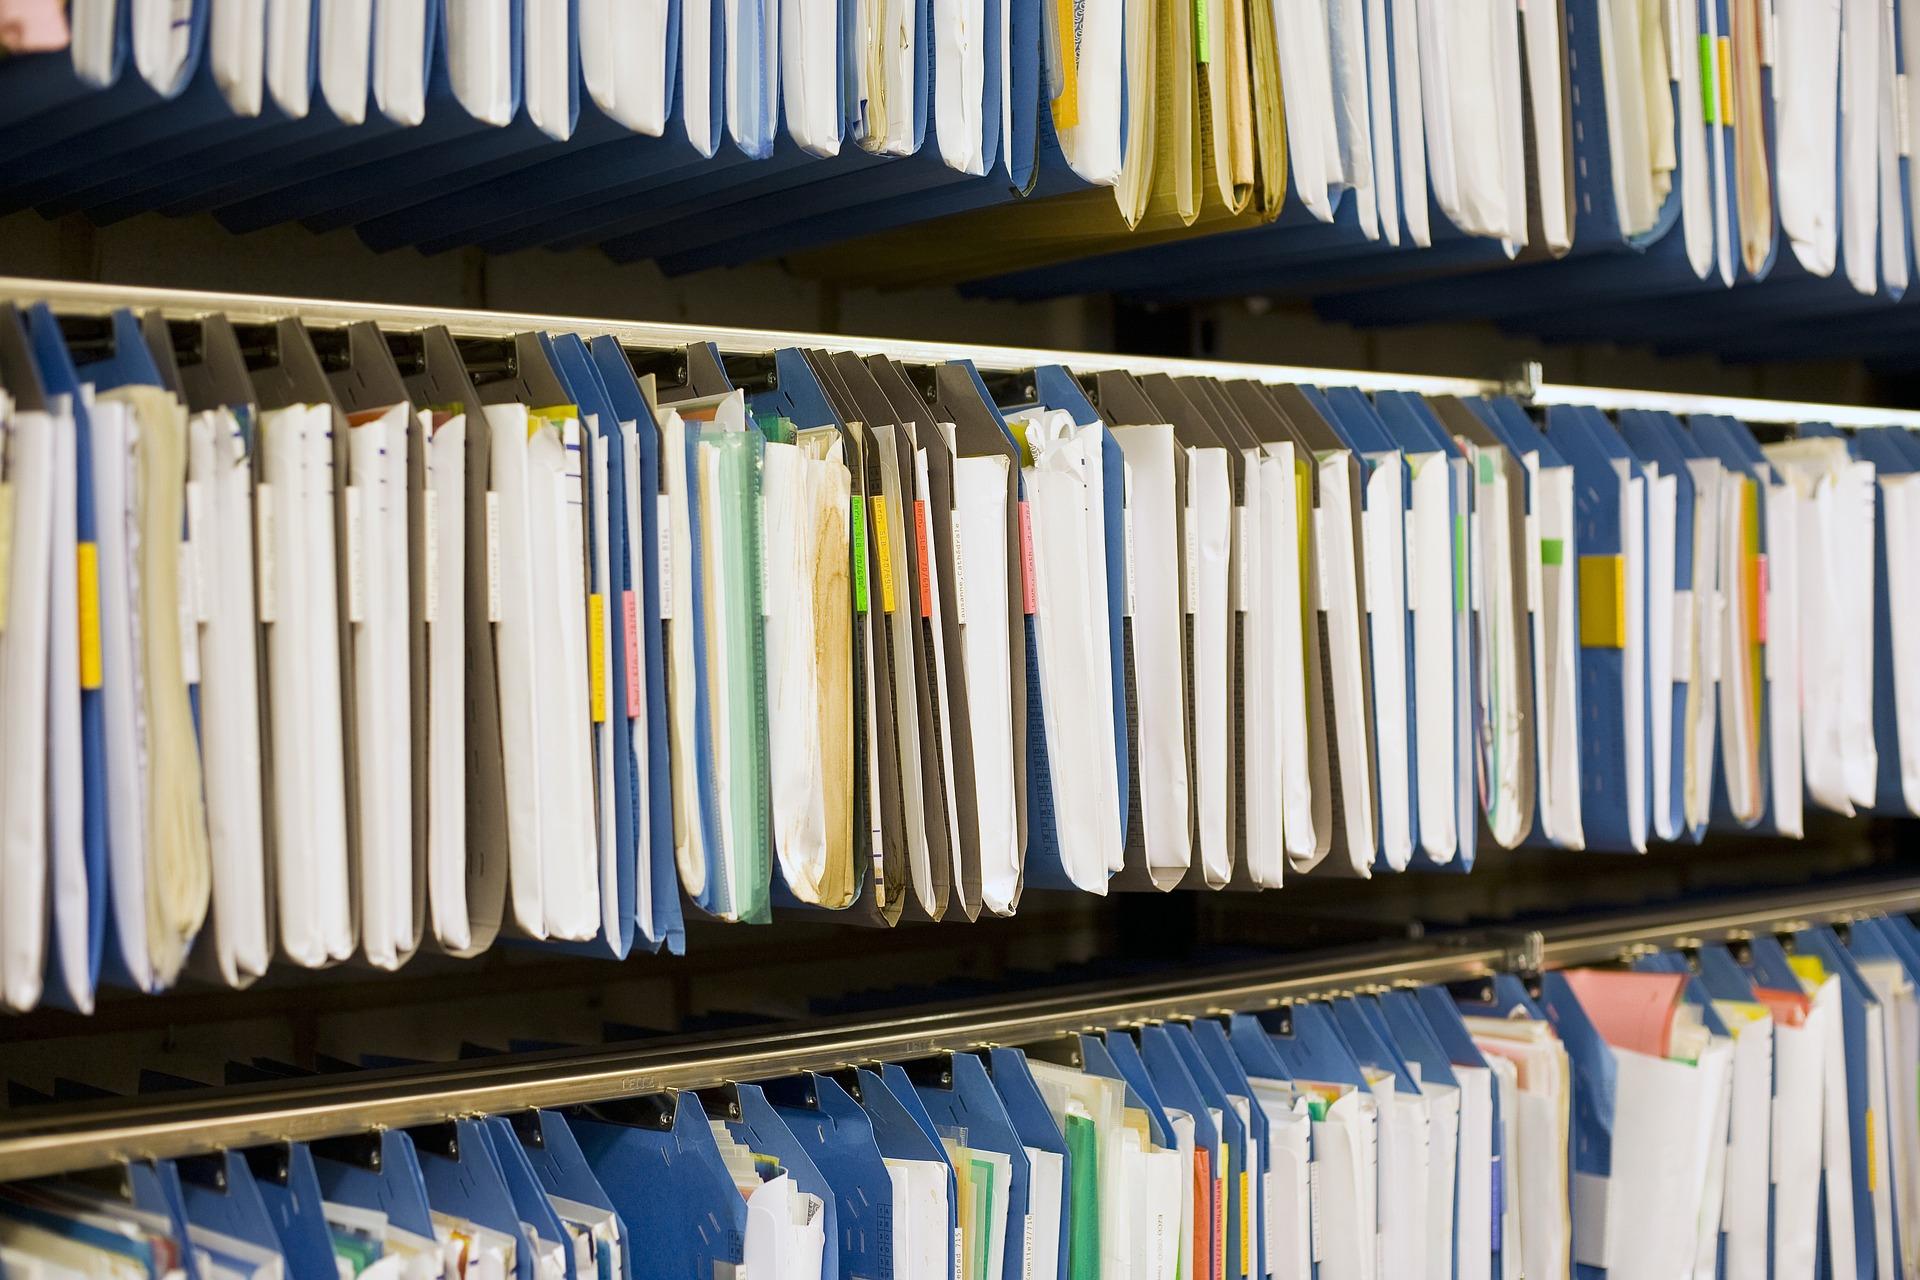 Cómo identificar documentos confidenciales